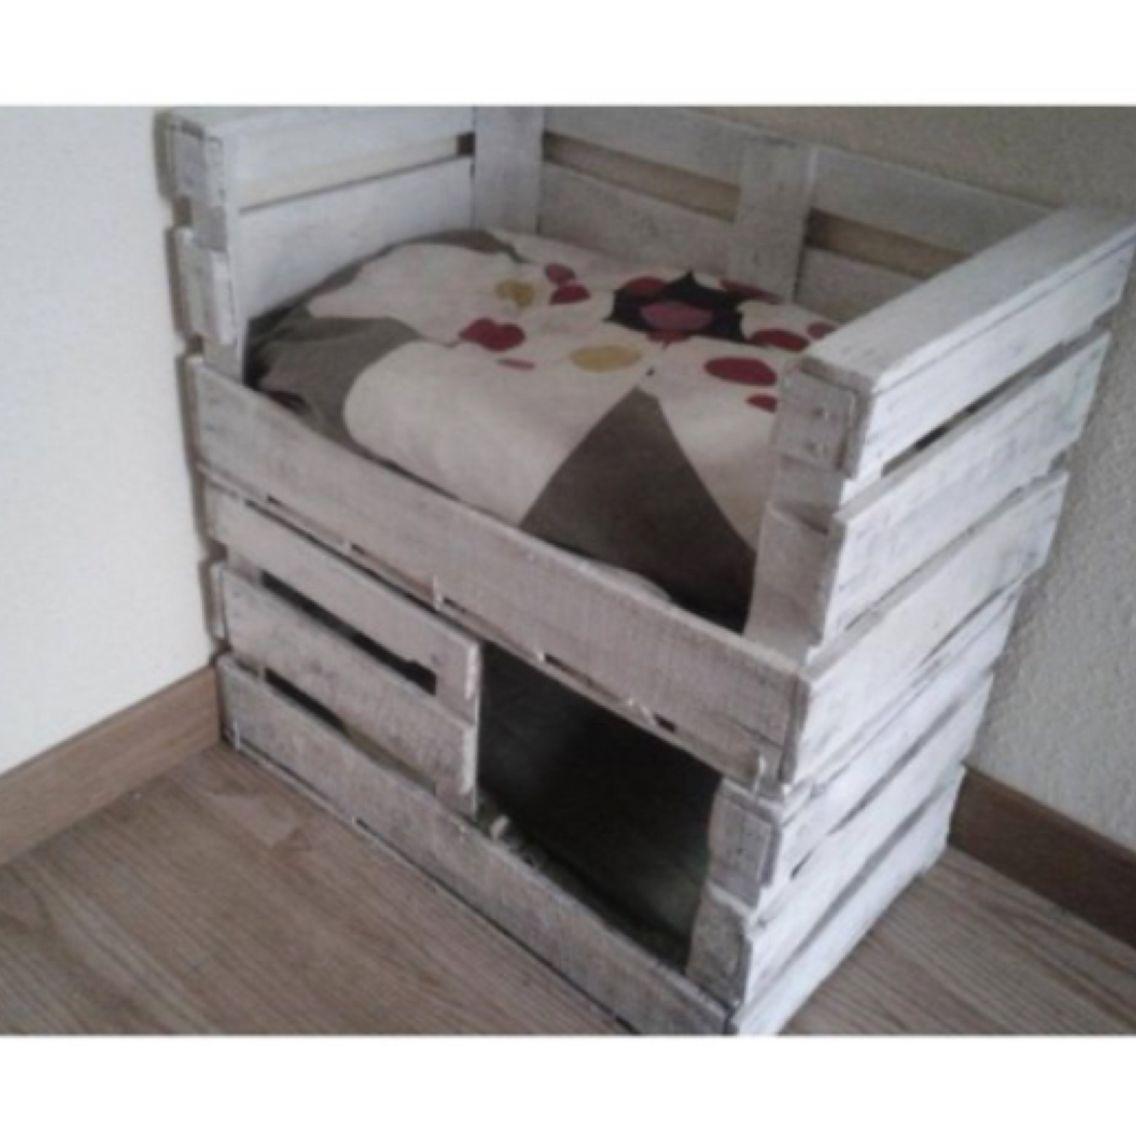 Cama para gatos muy facil de hacer con cajas de fruta - Camas para gatos ...